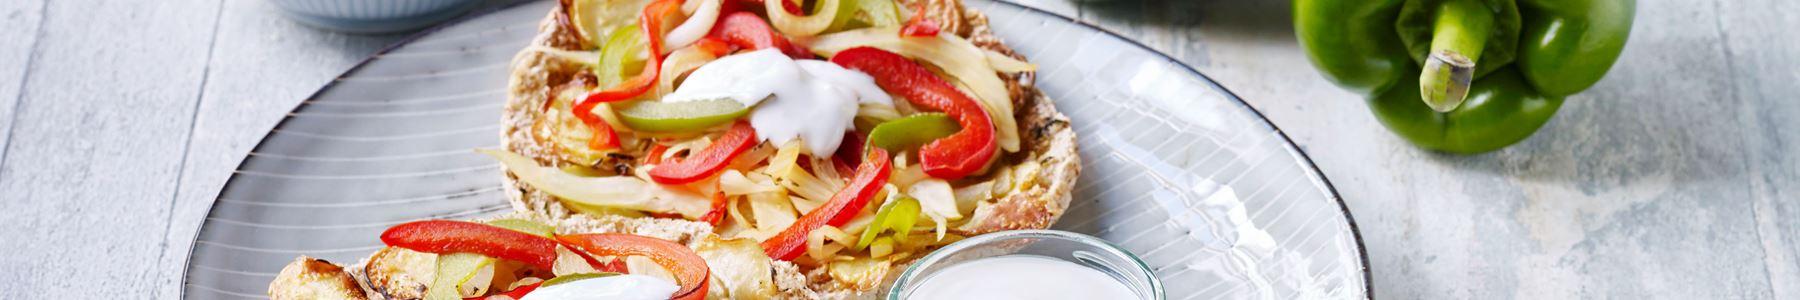 Fennikel + Sandwich